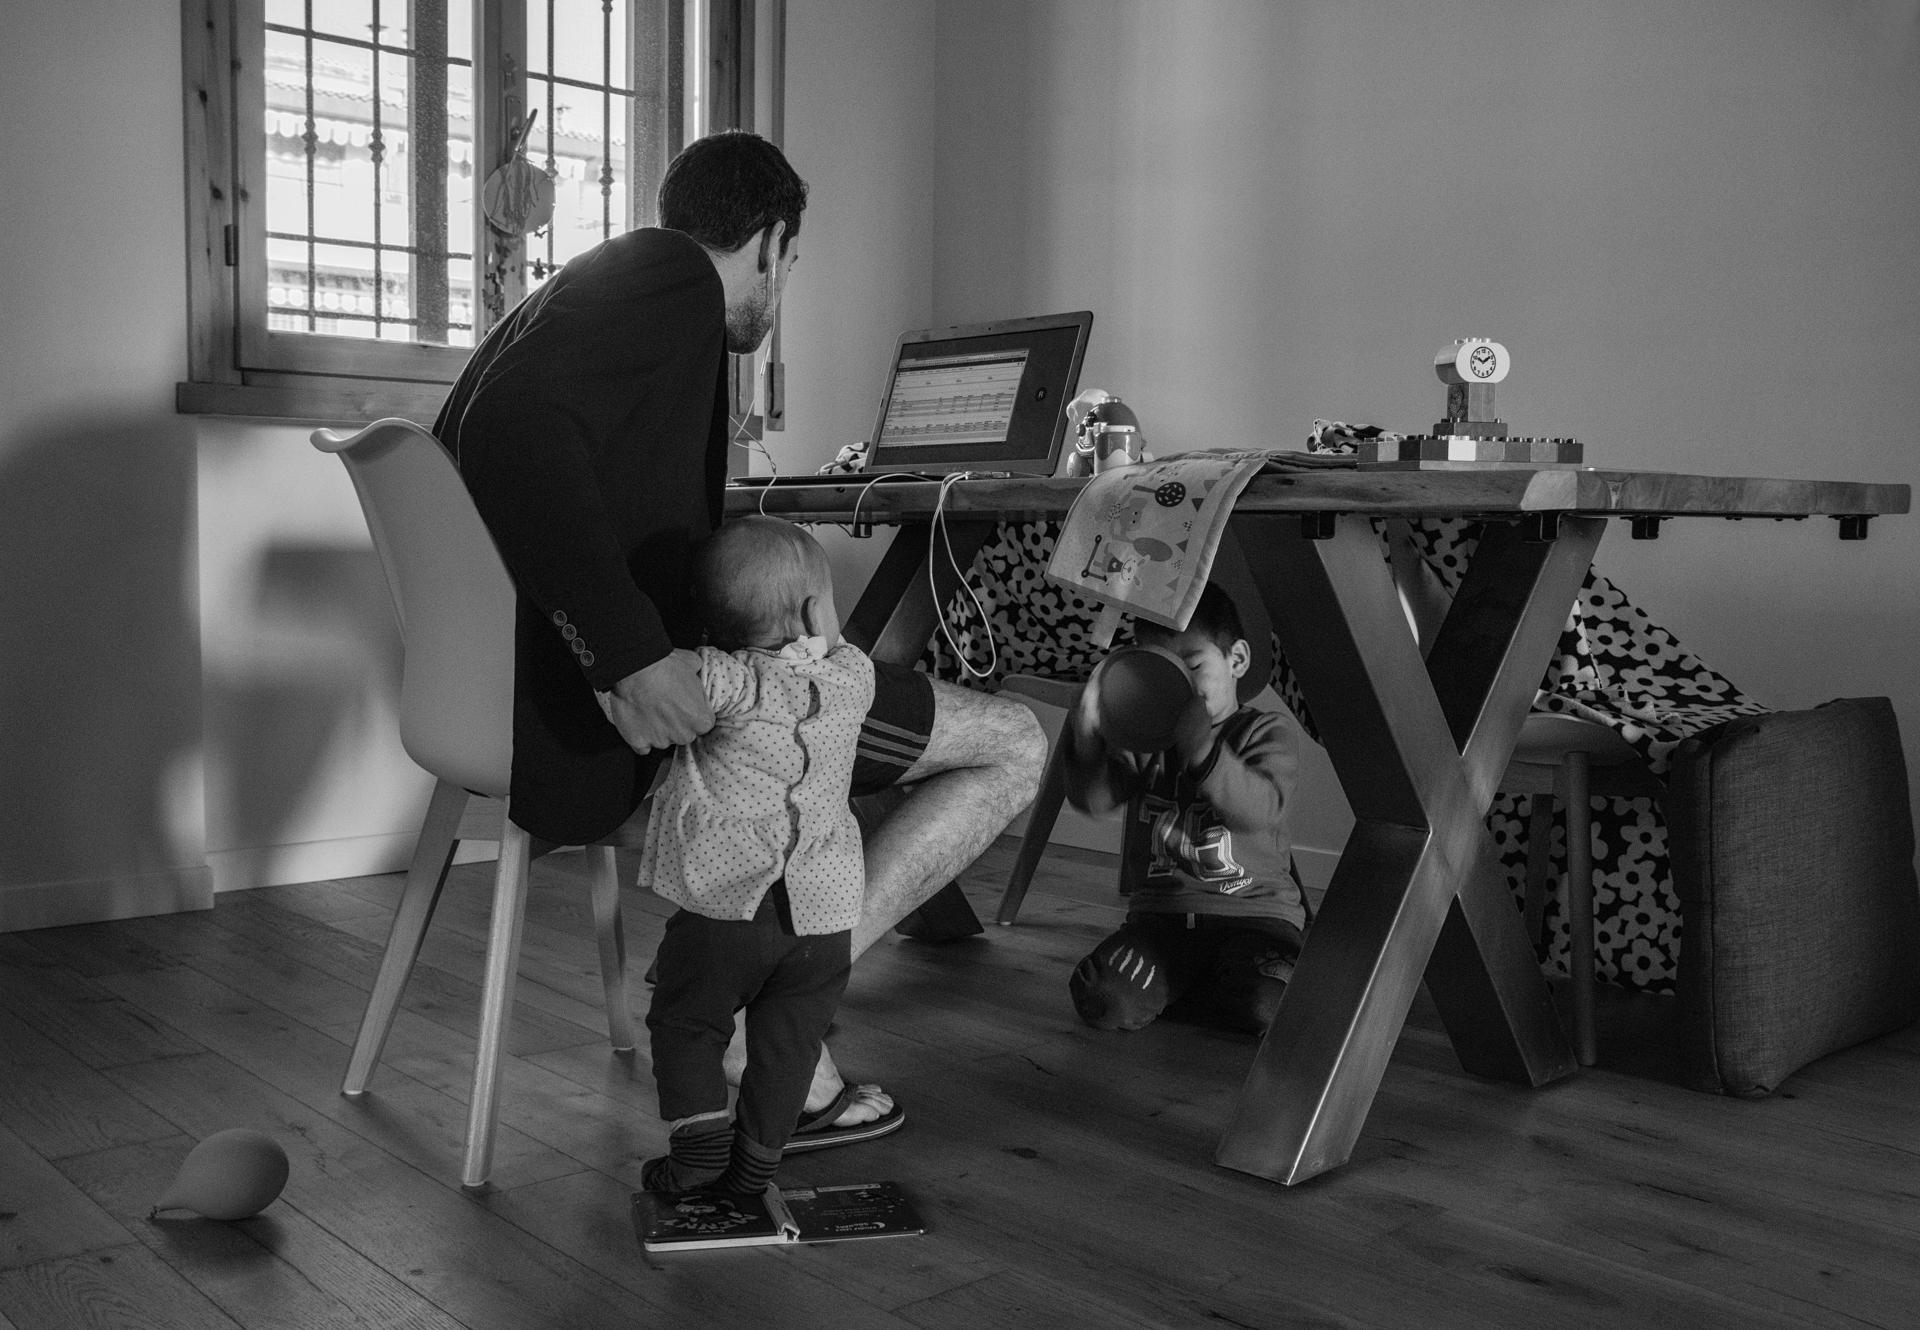 Foto n° 31 –PRIMA  QUINTOZOOMGIANNA CIAMPI  La problematica del lavoro, al tempo del virus, è ben rappresentata in questa fotografia dallo spiccato sapore domestico, altamente domestico e realistico, per come è stata rappresentata. Un padre, un computer